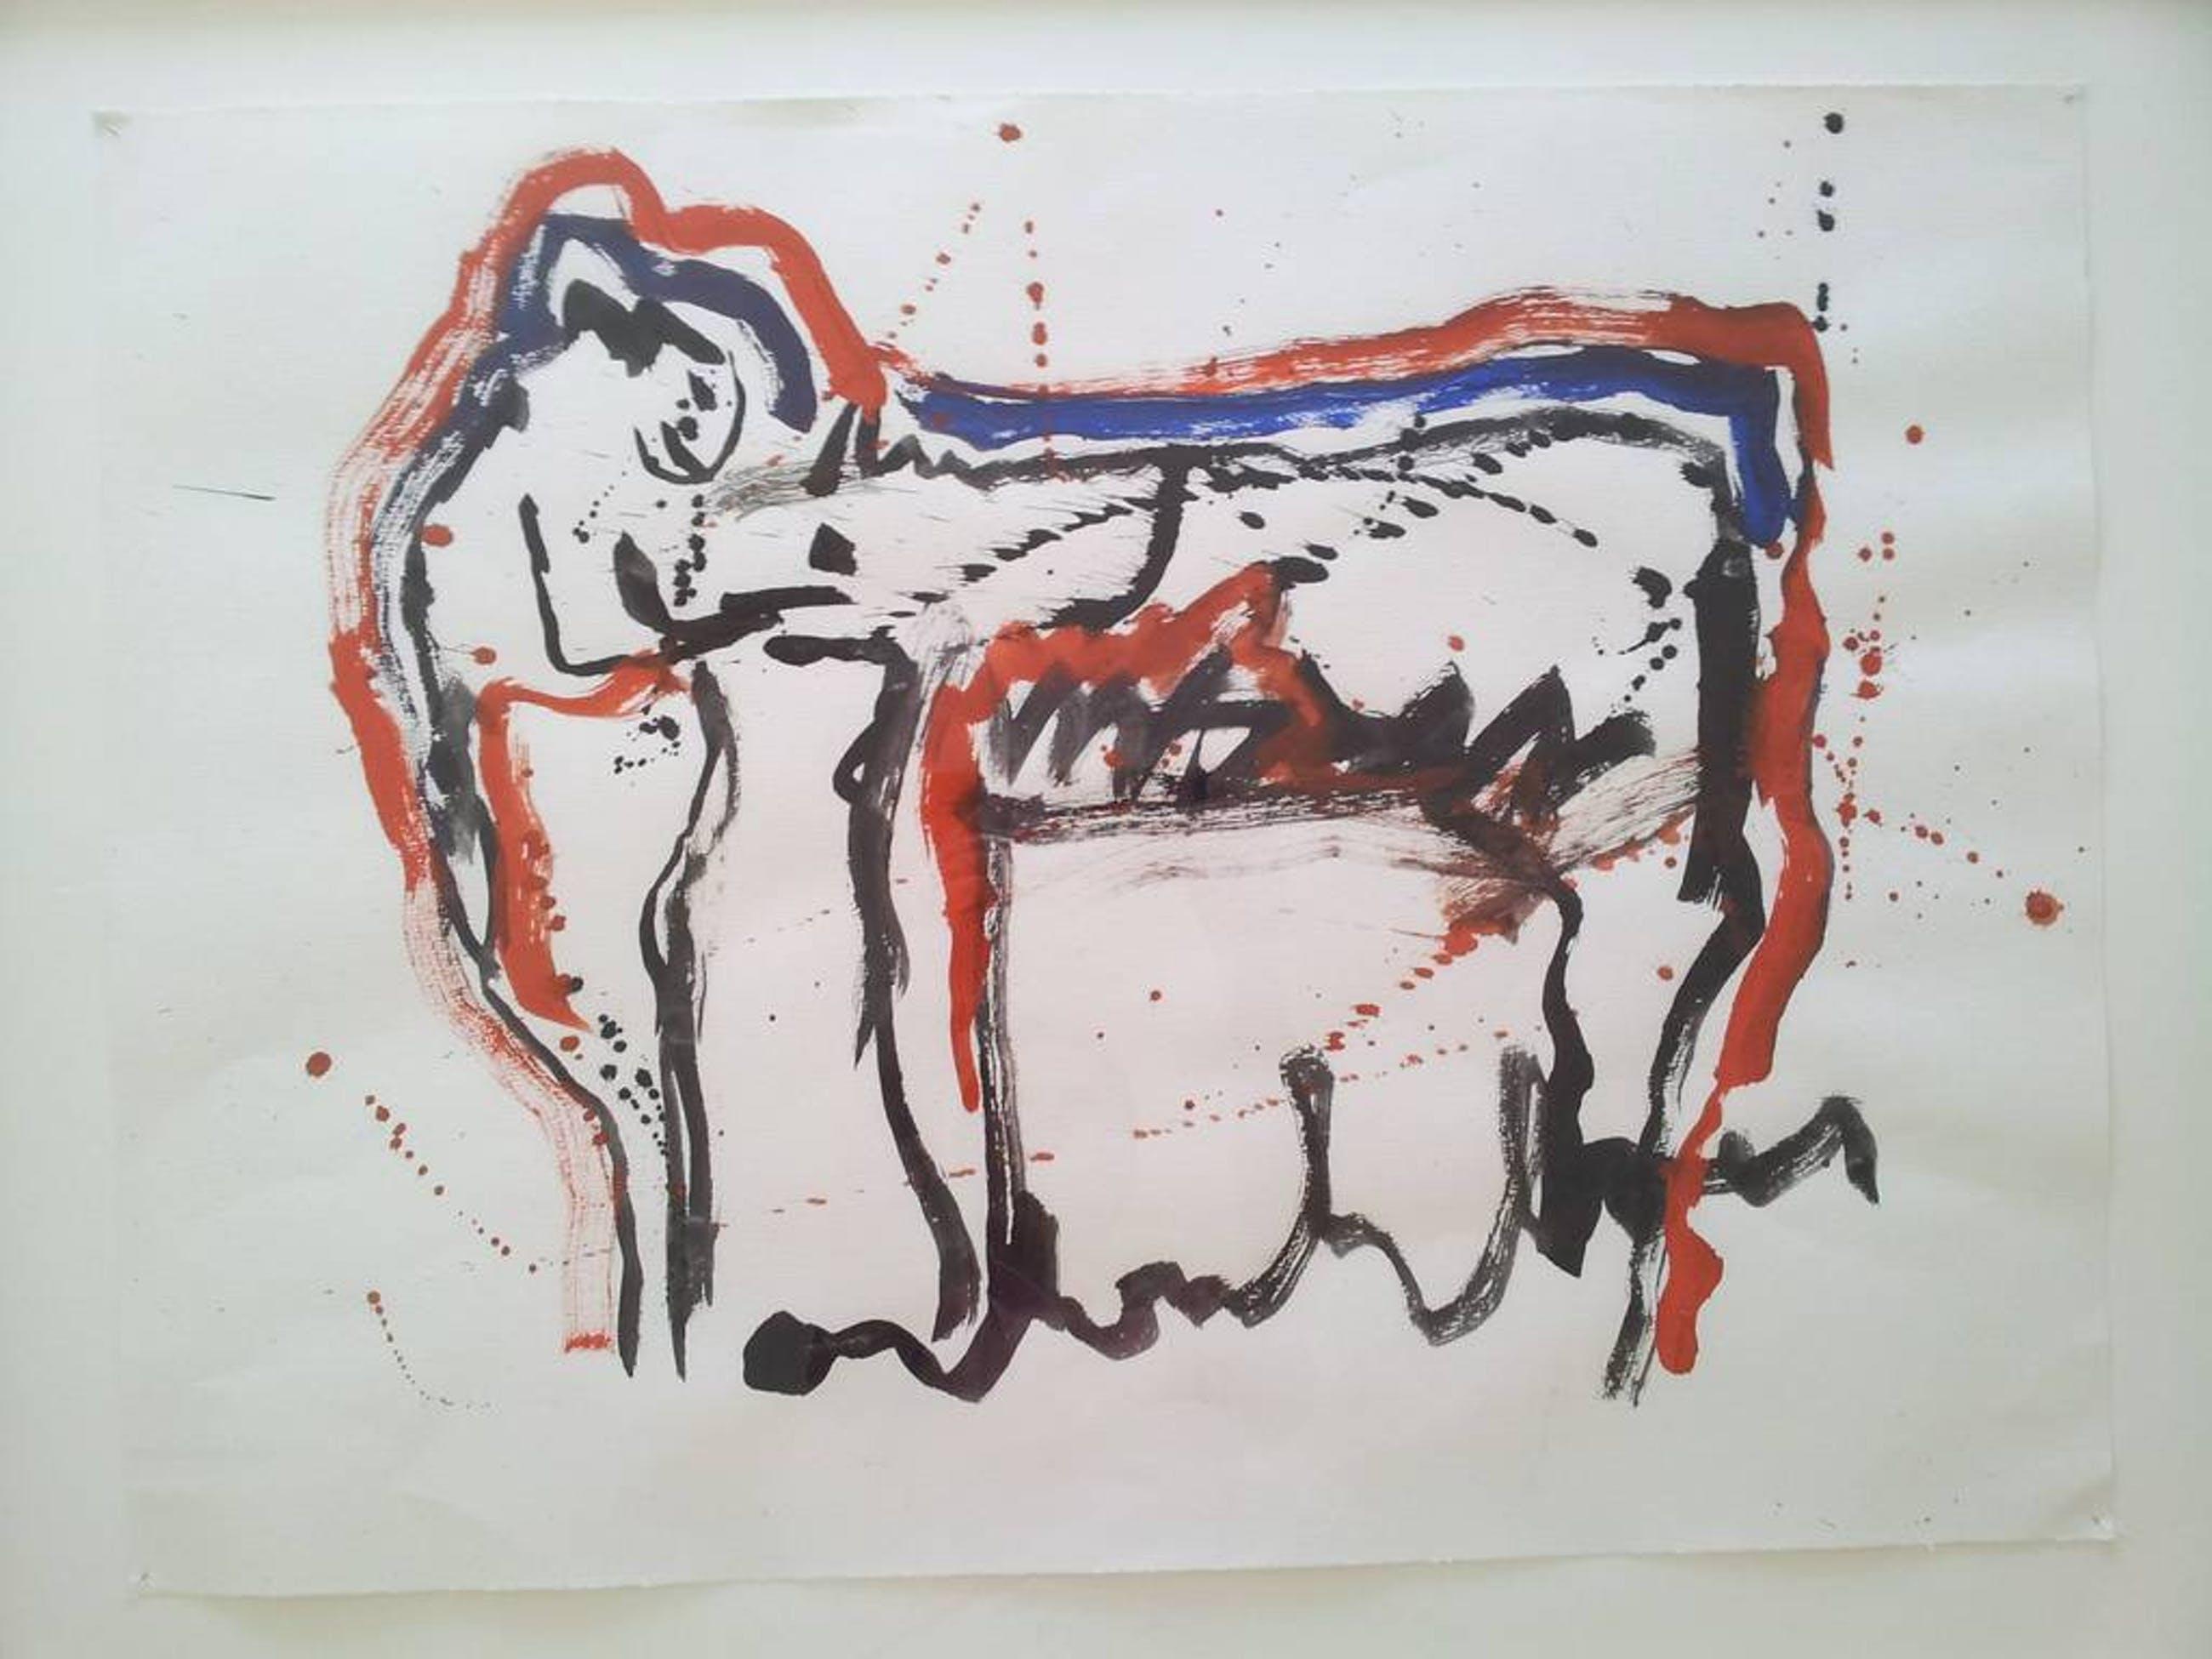 Anton Heyboer: Beest, origineel werk op papier, gesigneerd kopen? Bied vanaf 150!